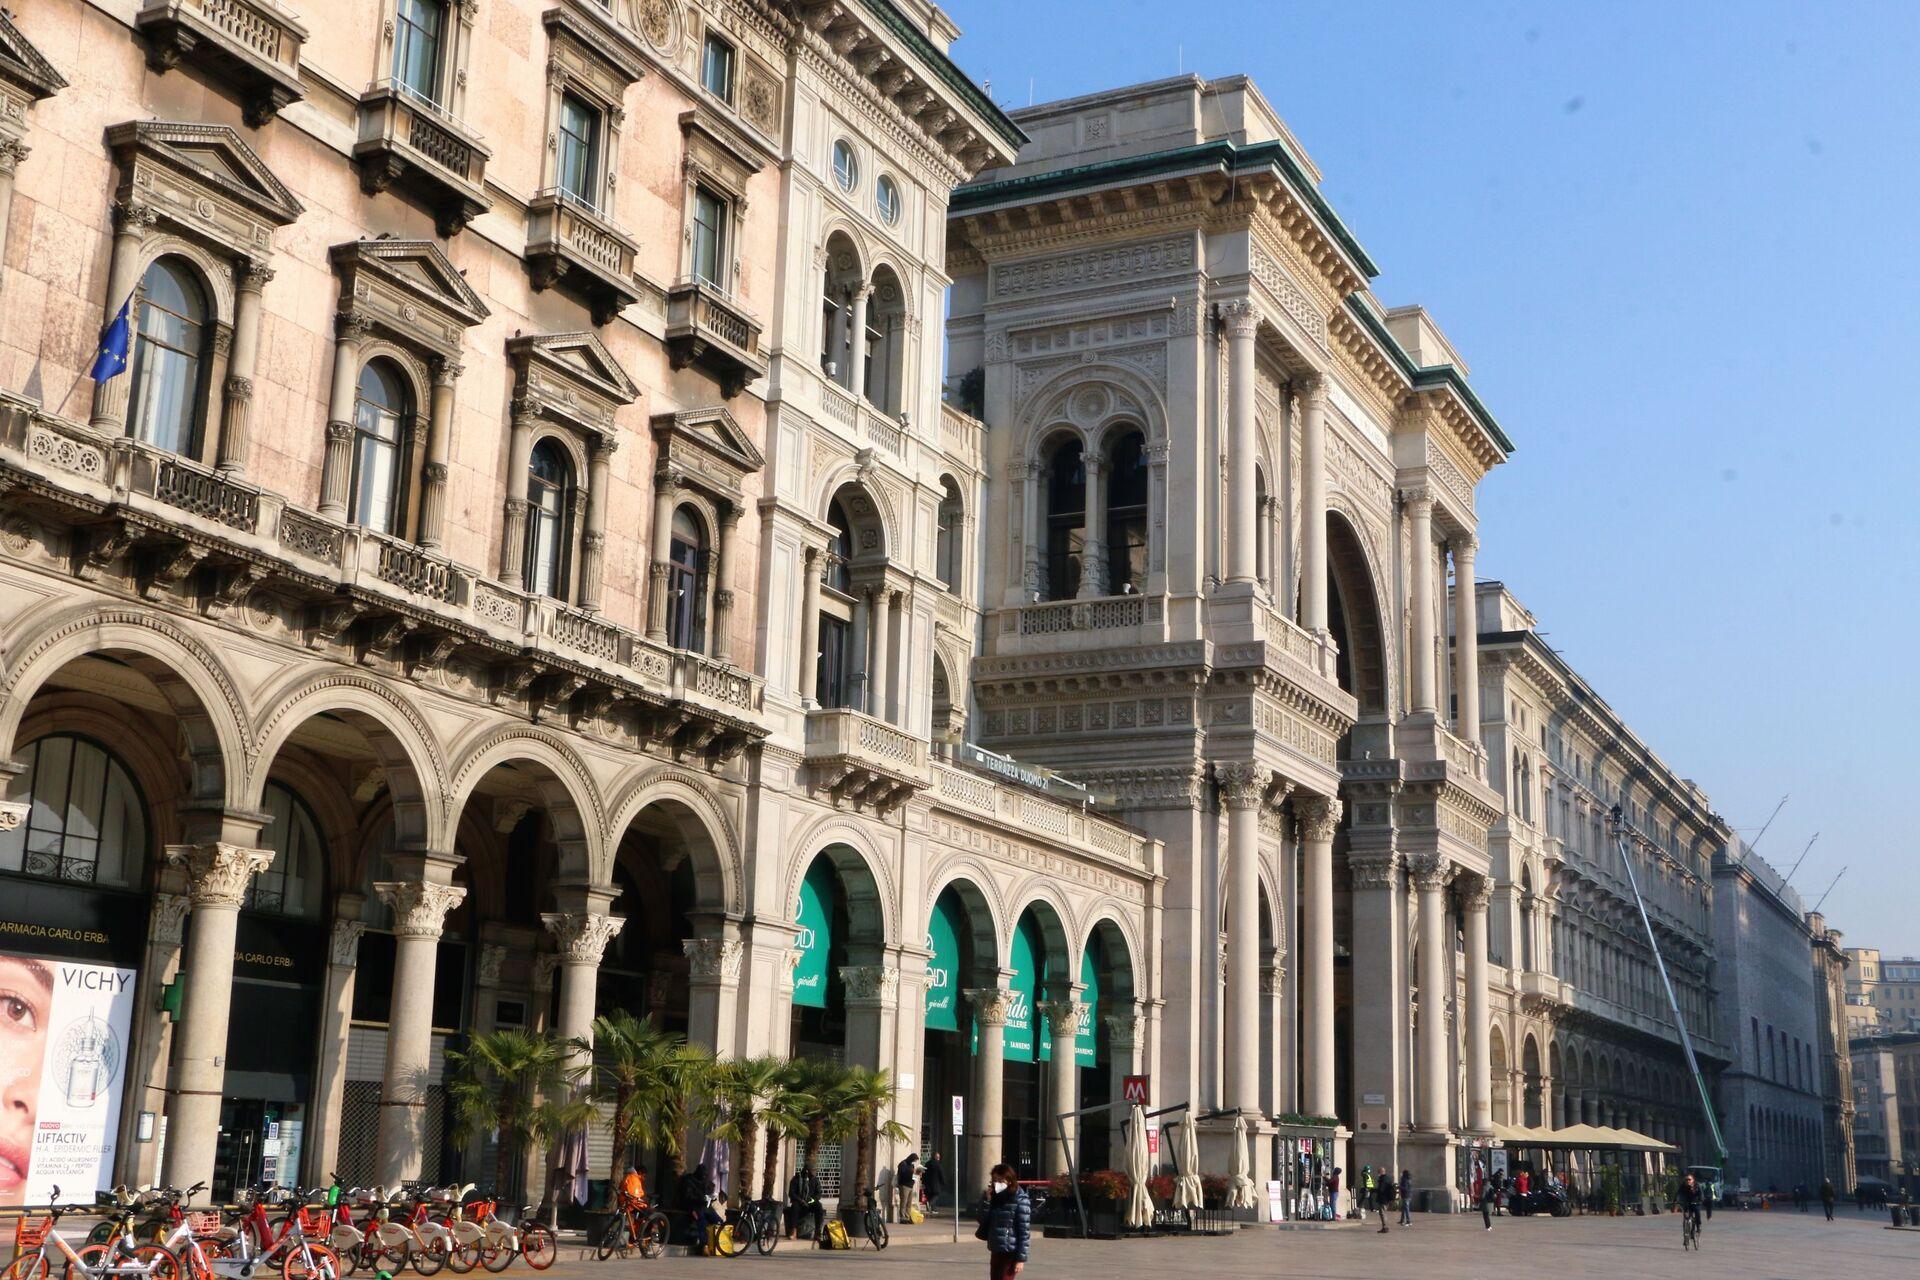 Milano sempre più calda: in 60 anni la temperatura media è cresciuta di due gradi - Sputnik Italia, 1920, 09.02.2021